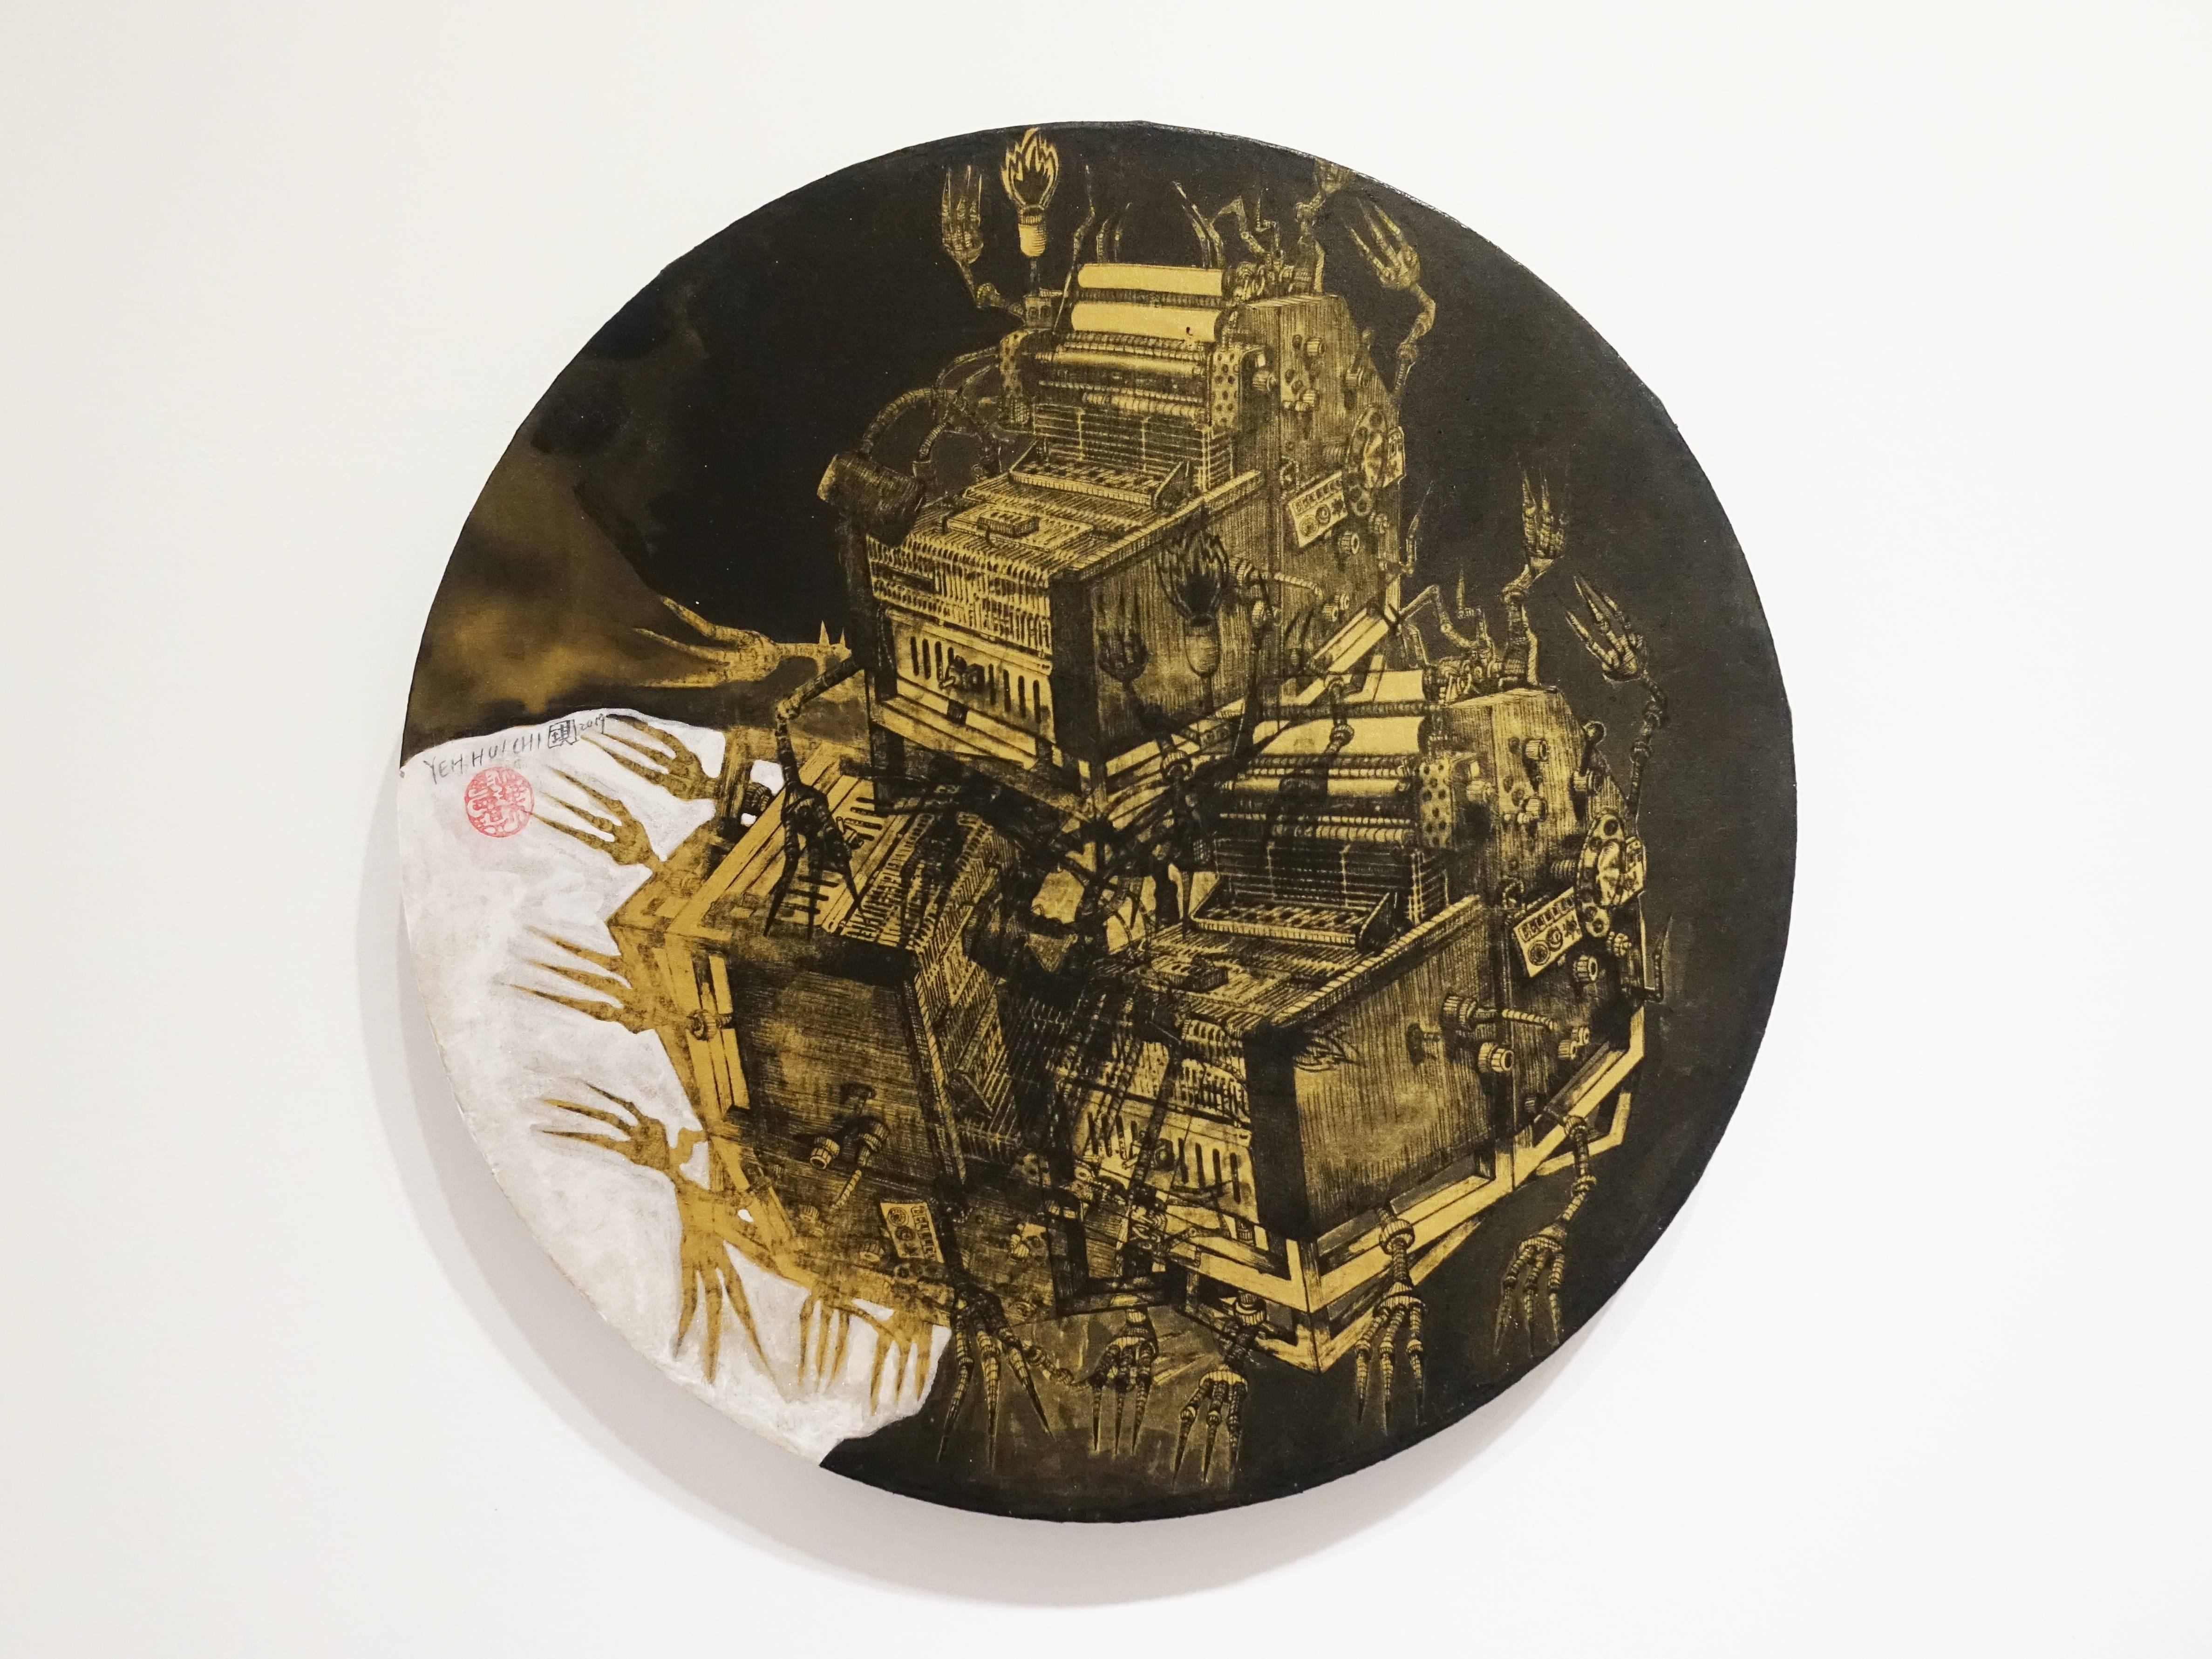 葉慧琪,《機械群44》,30 x 30 cm,綜合媒材、絹布。